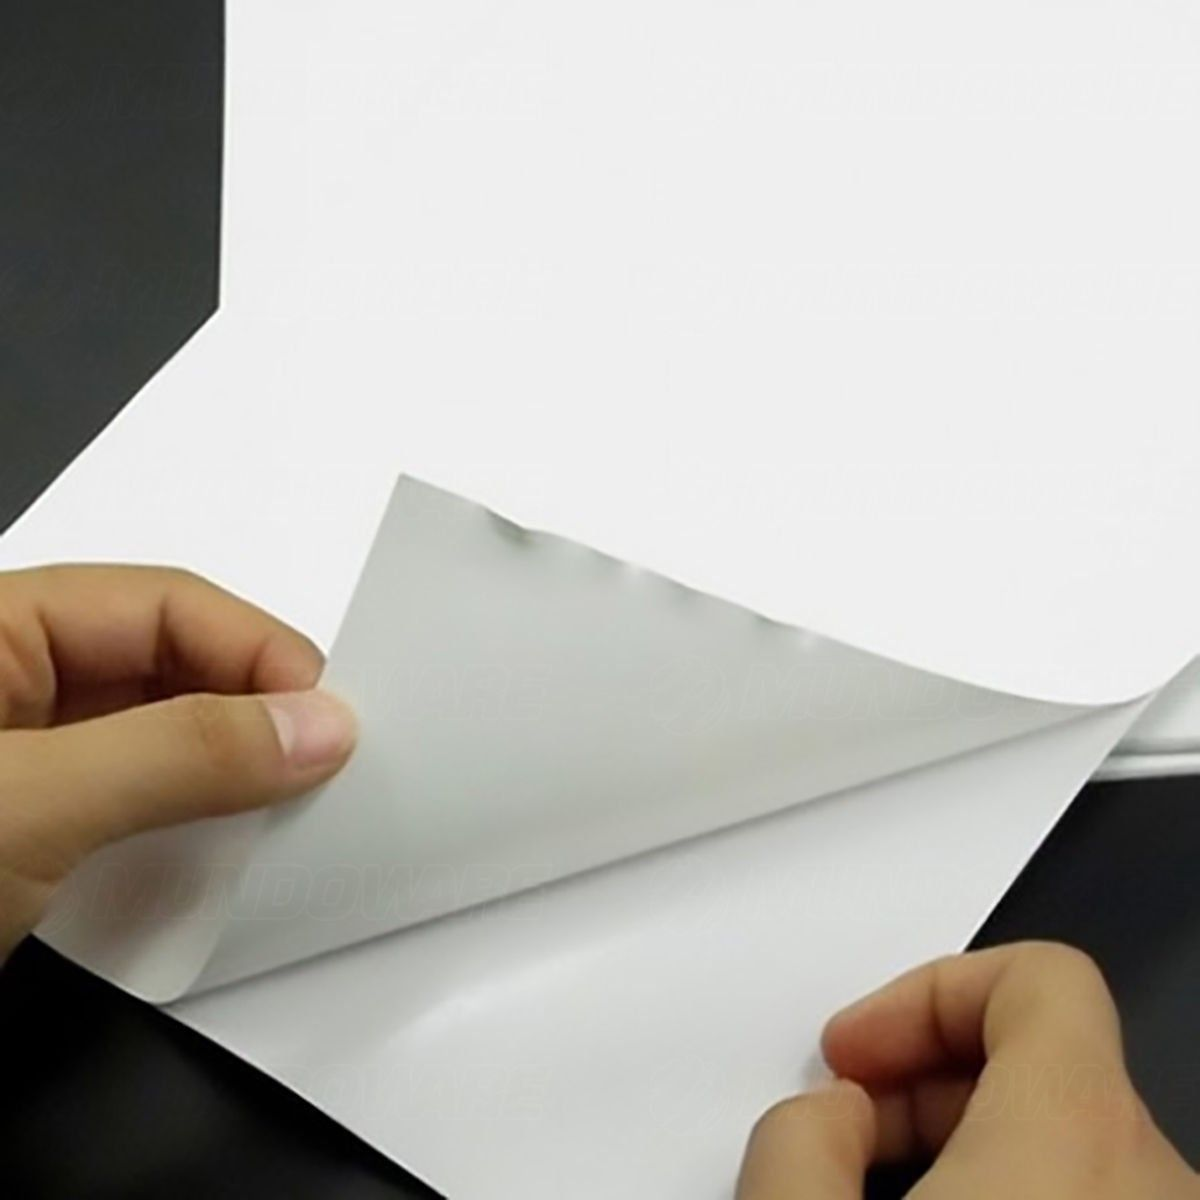 Papel Foto Adesivo 115g A4 Glossy Branco Brilhante Resistente à Água / 20 folhas